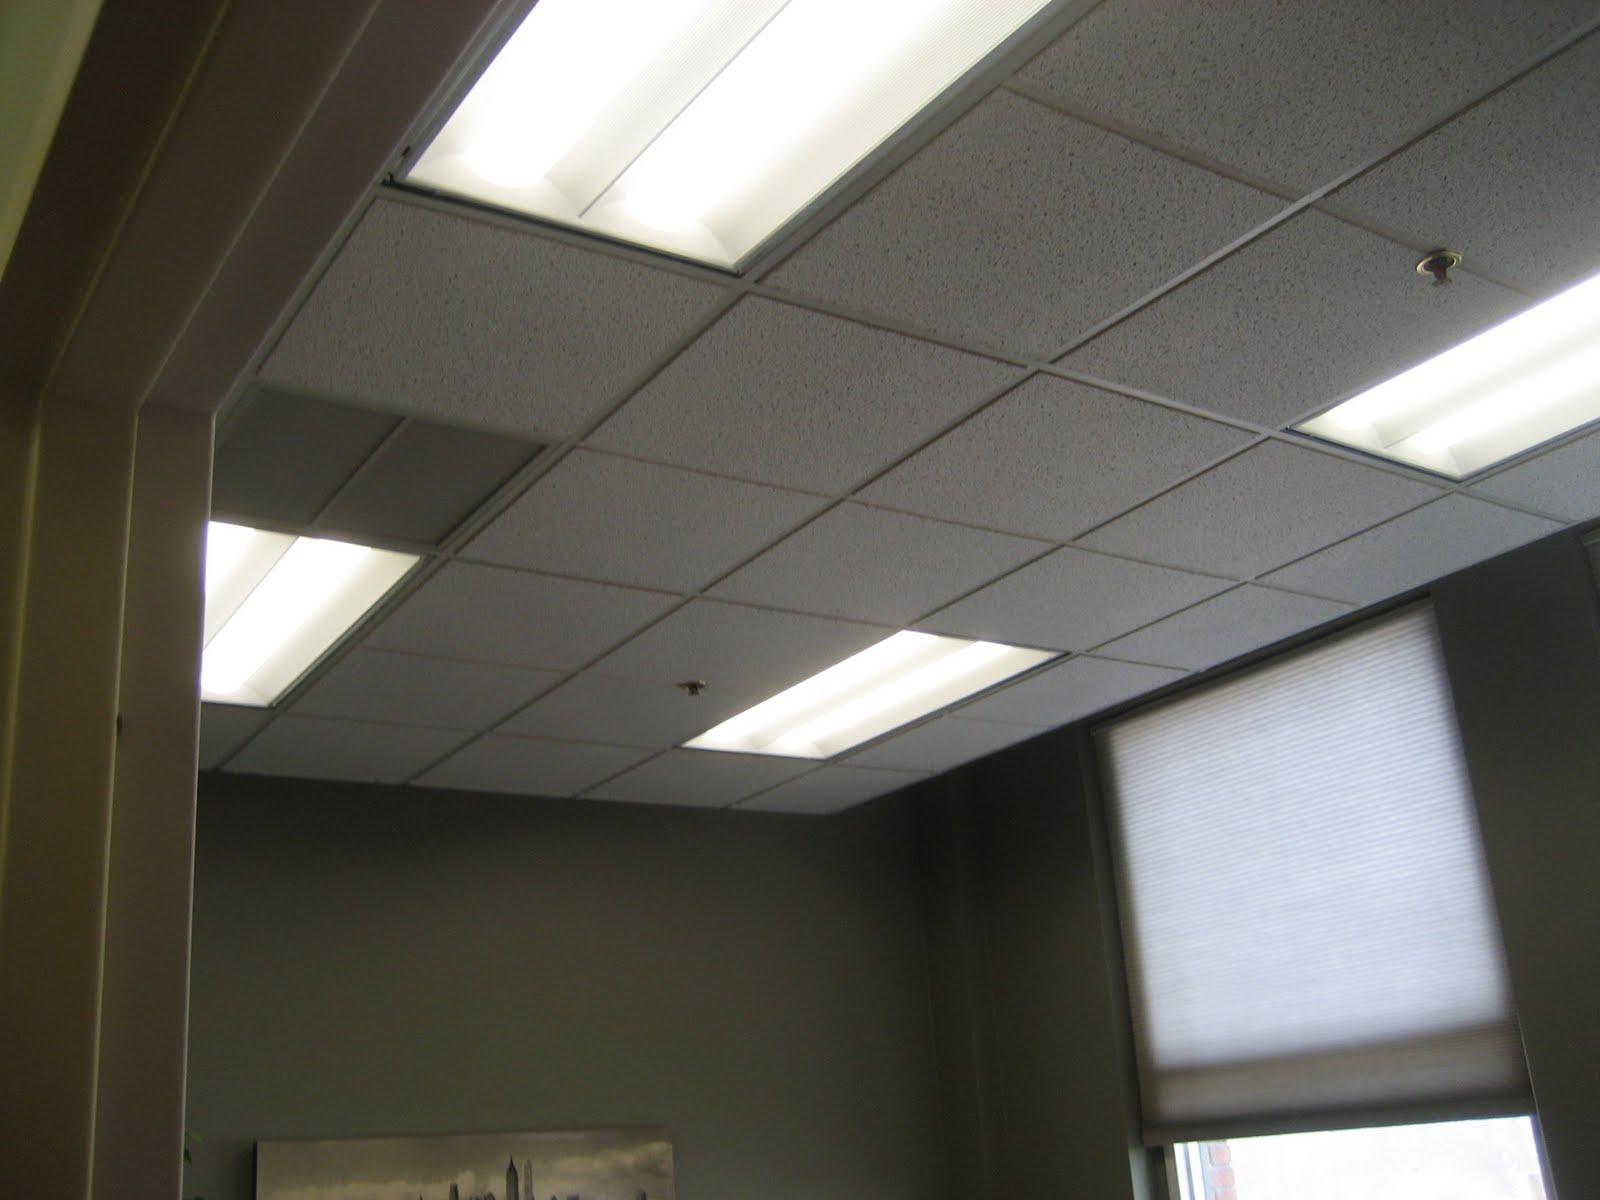 boise lighting retrofit kits